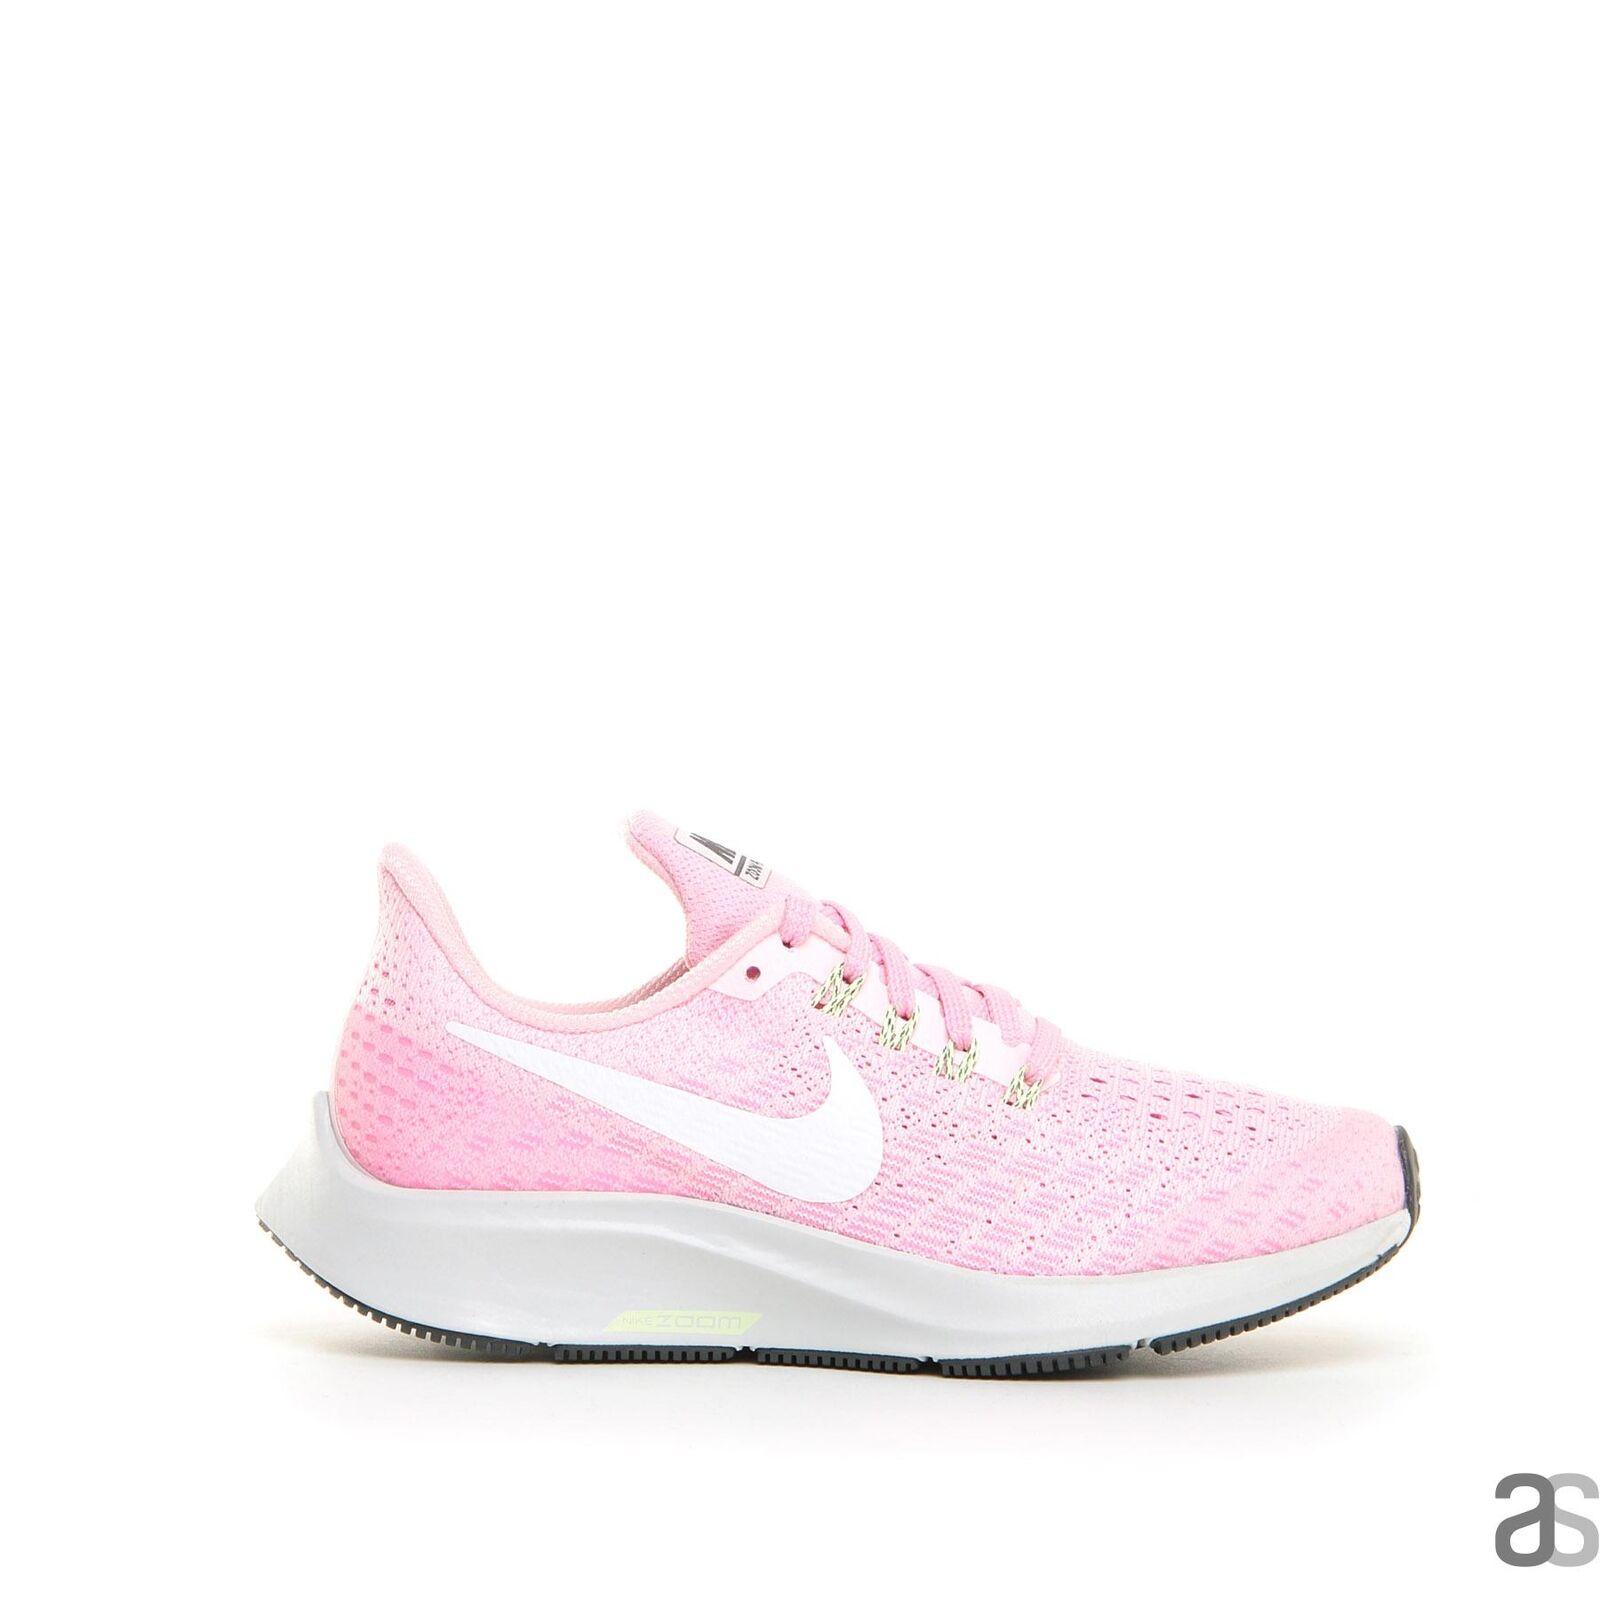 NIKE AIR ZOOM PEGASUS 35 JR shoes COURSE ENFANT AH3481 600